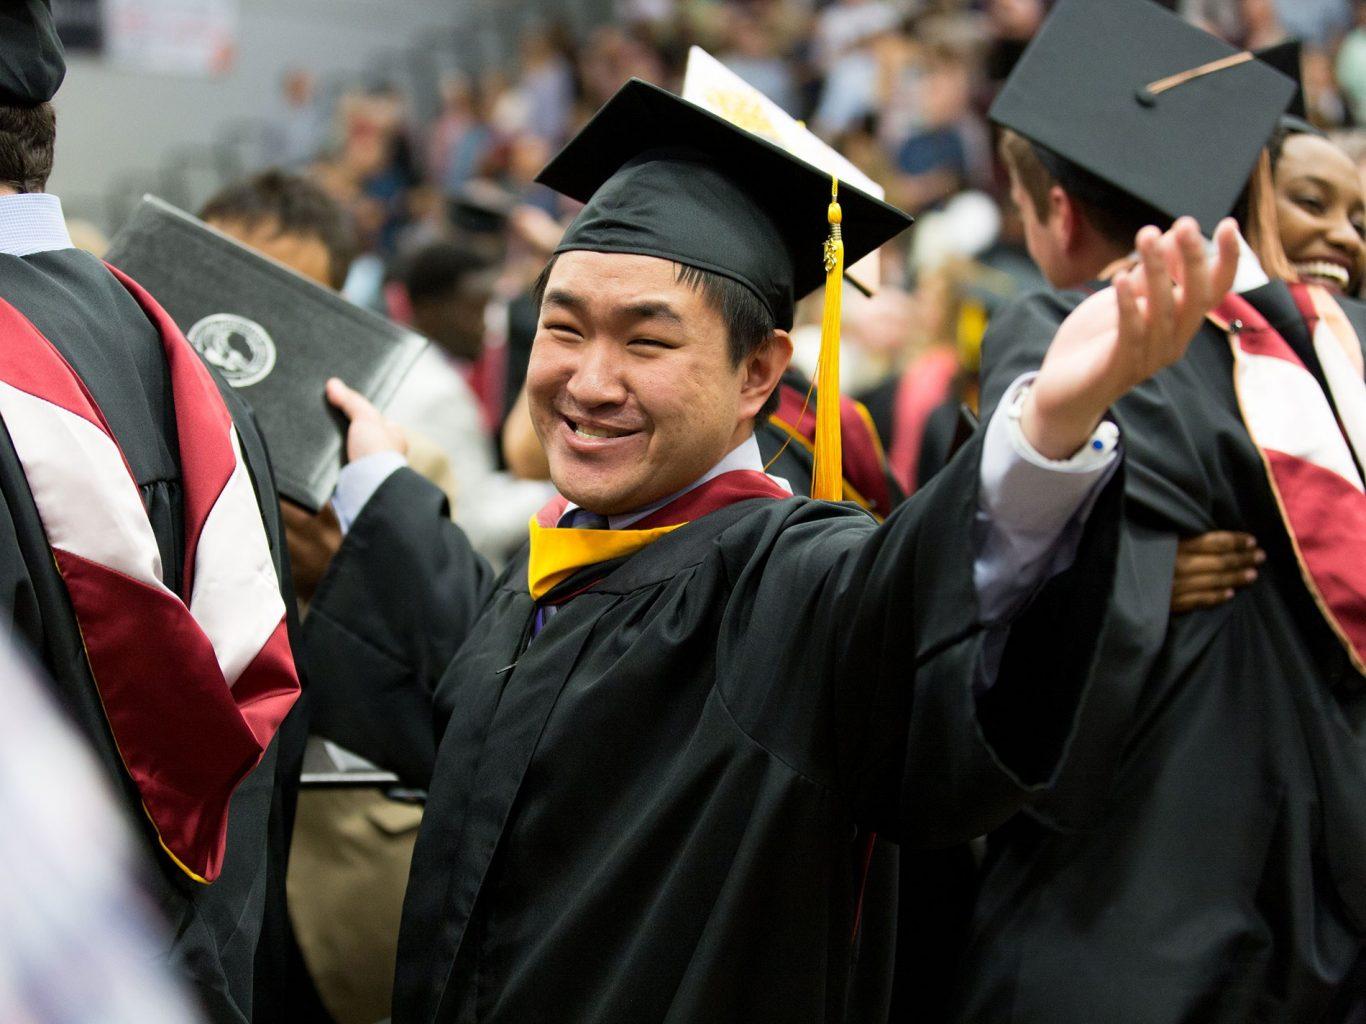 OC student at graduation